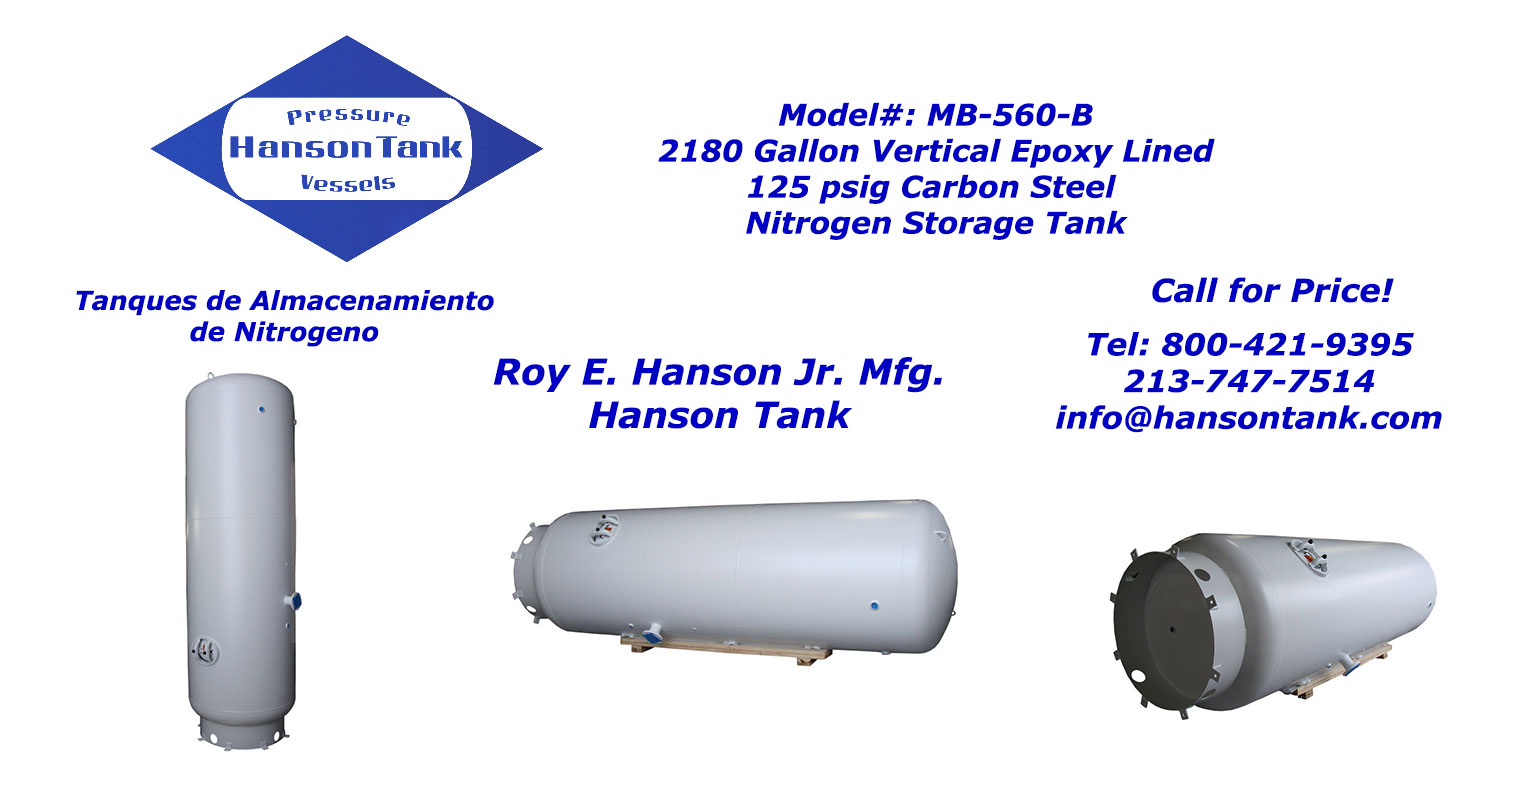 MB-560-B Nitrogen storage tank